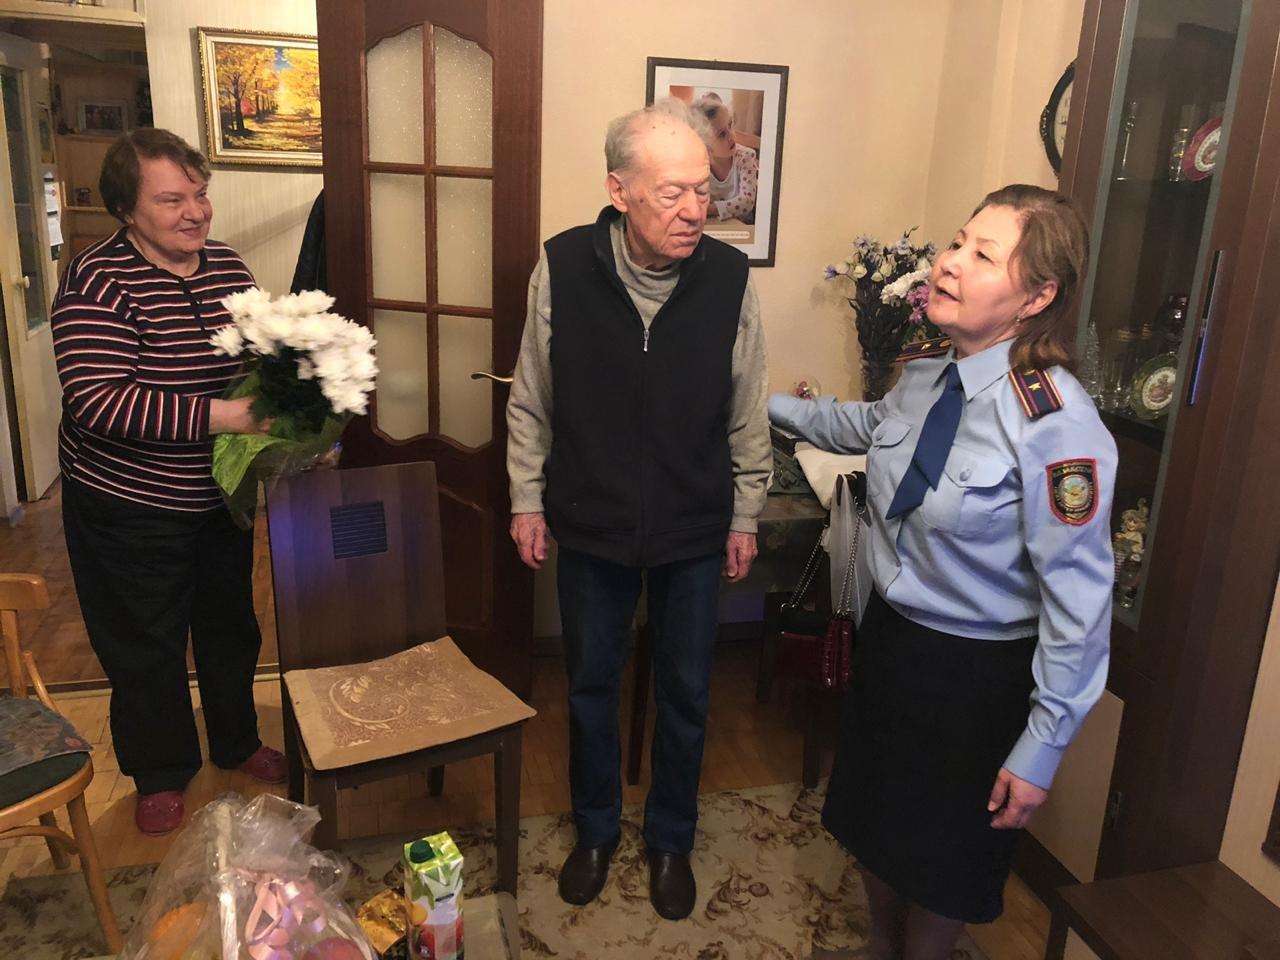 В Алматы ветерану возвратили утерянное пенсионное удостоверение (ФОТО), фото-3